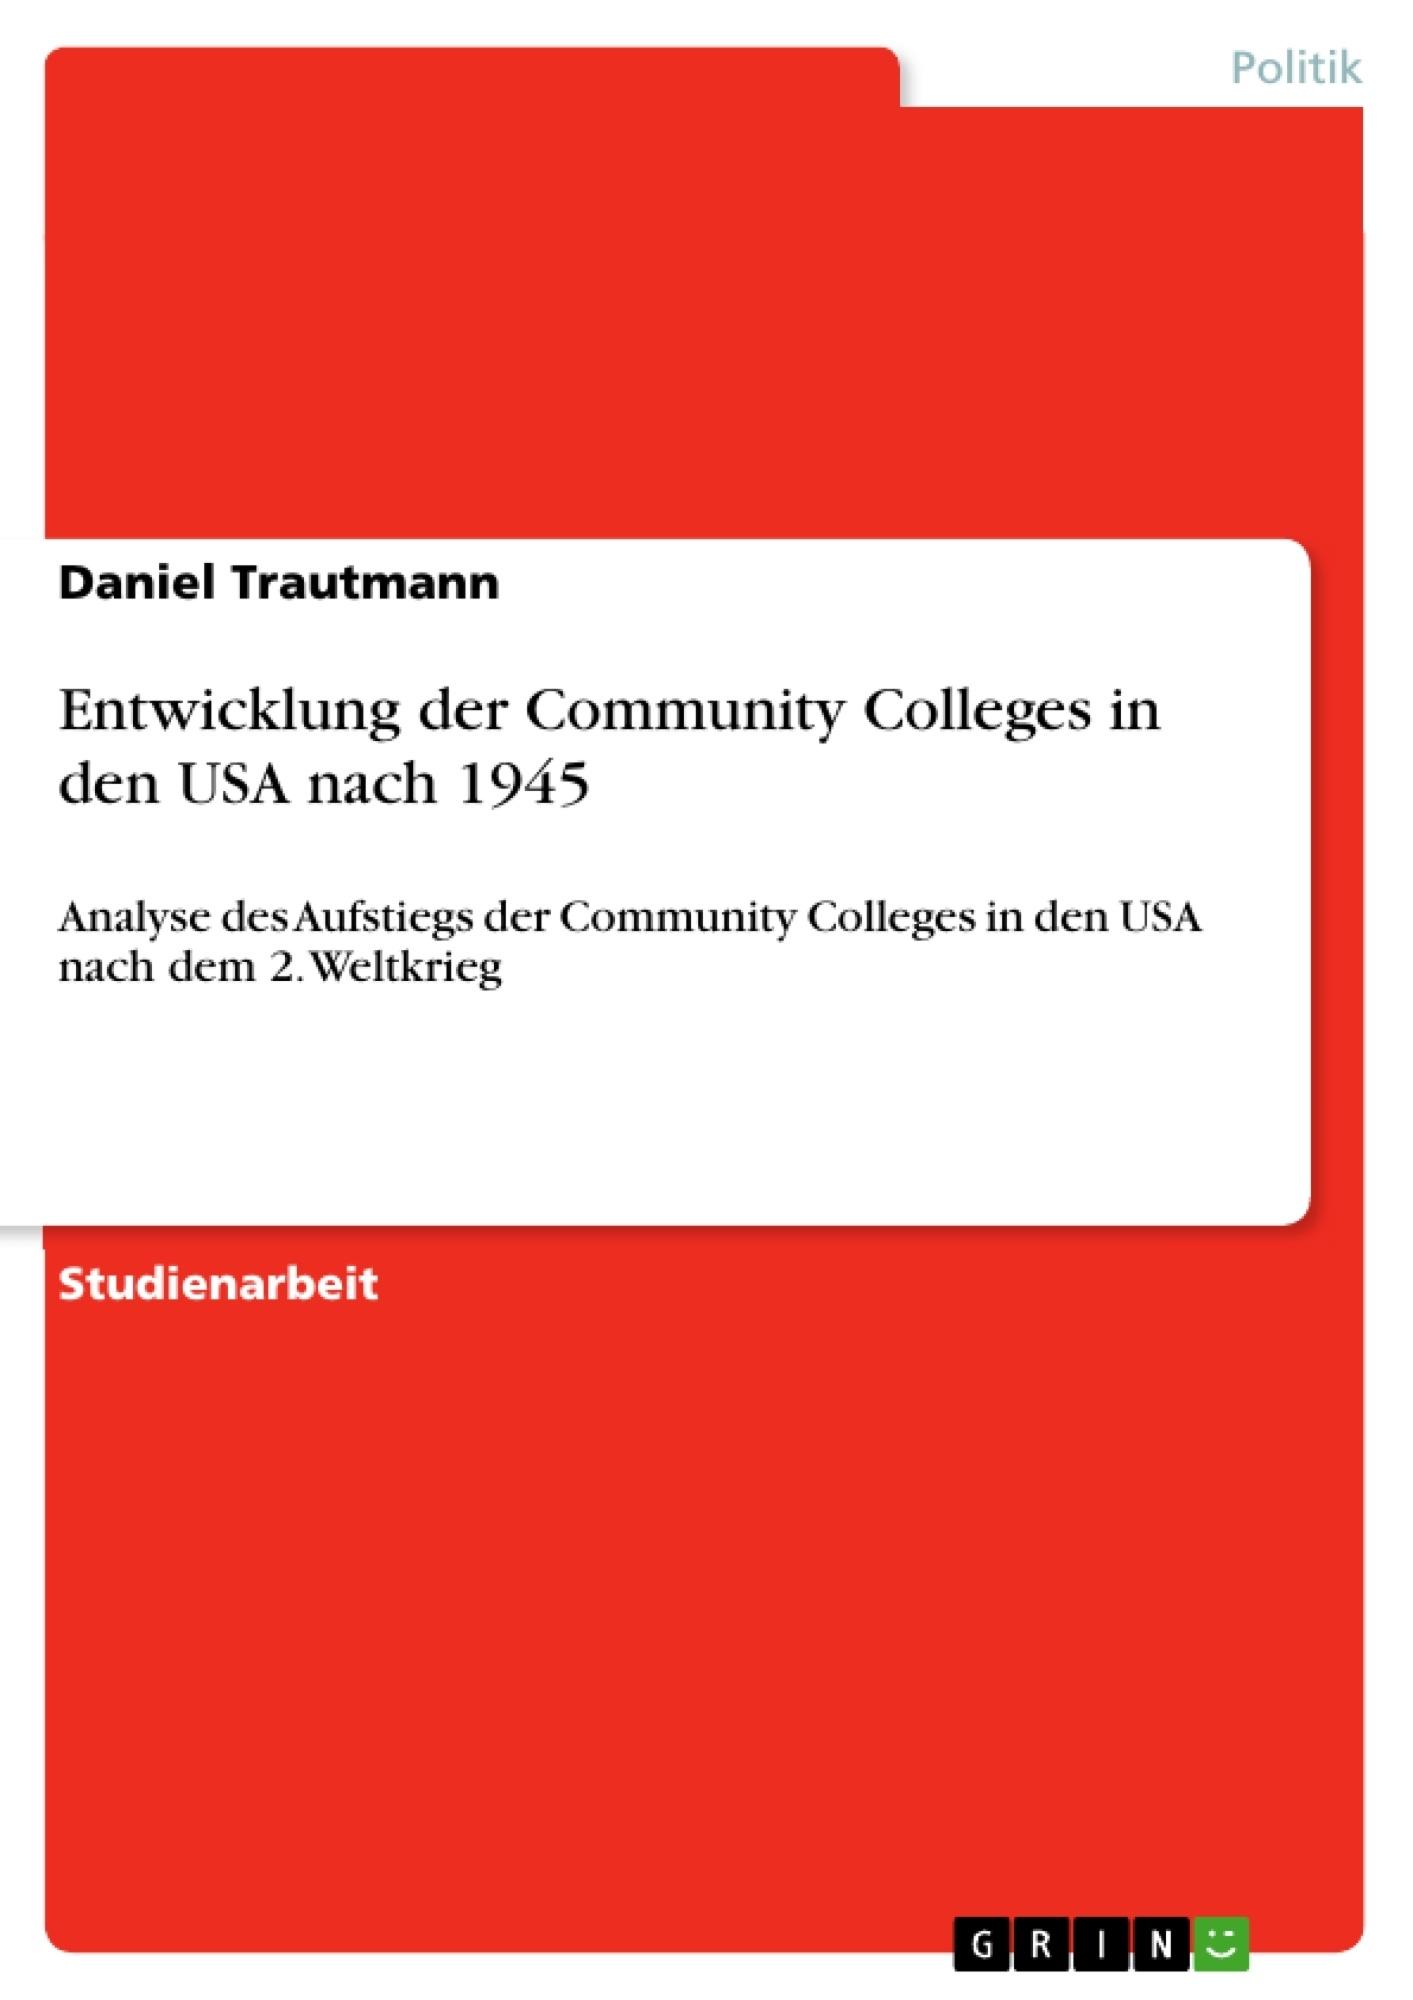 Titel: Entwicklung der Community Colleges in den USA nach 1945